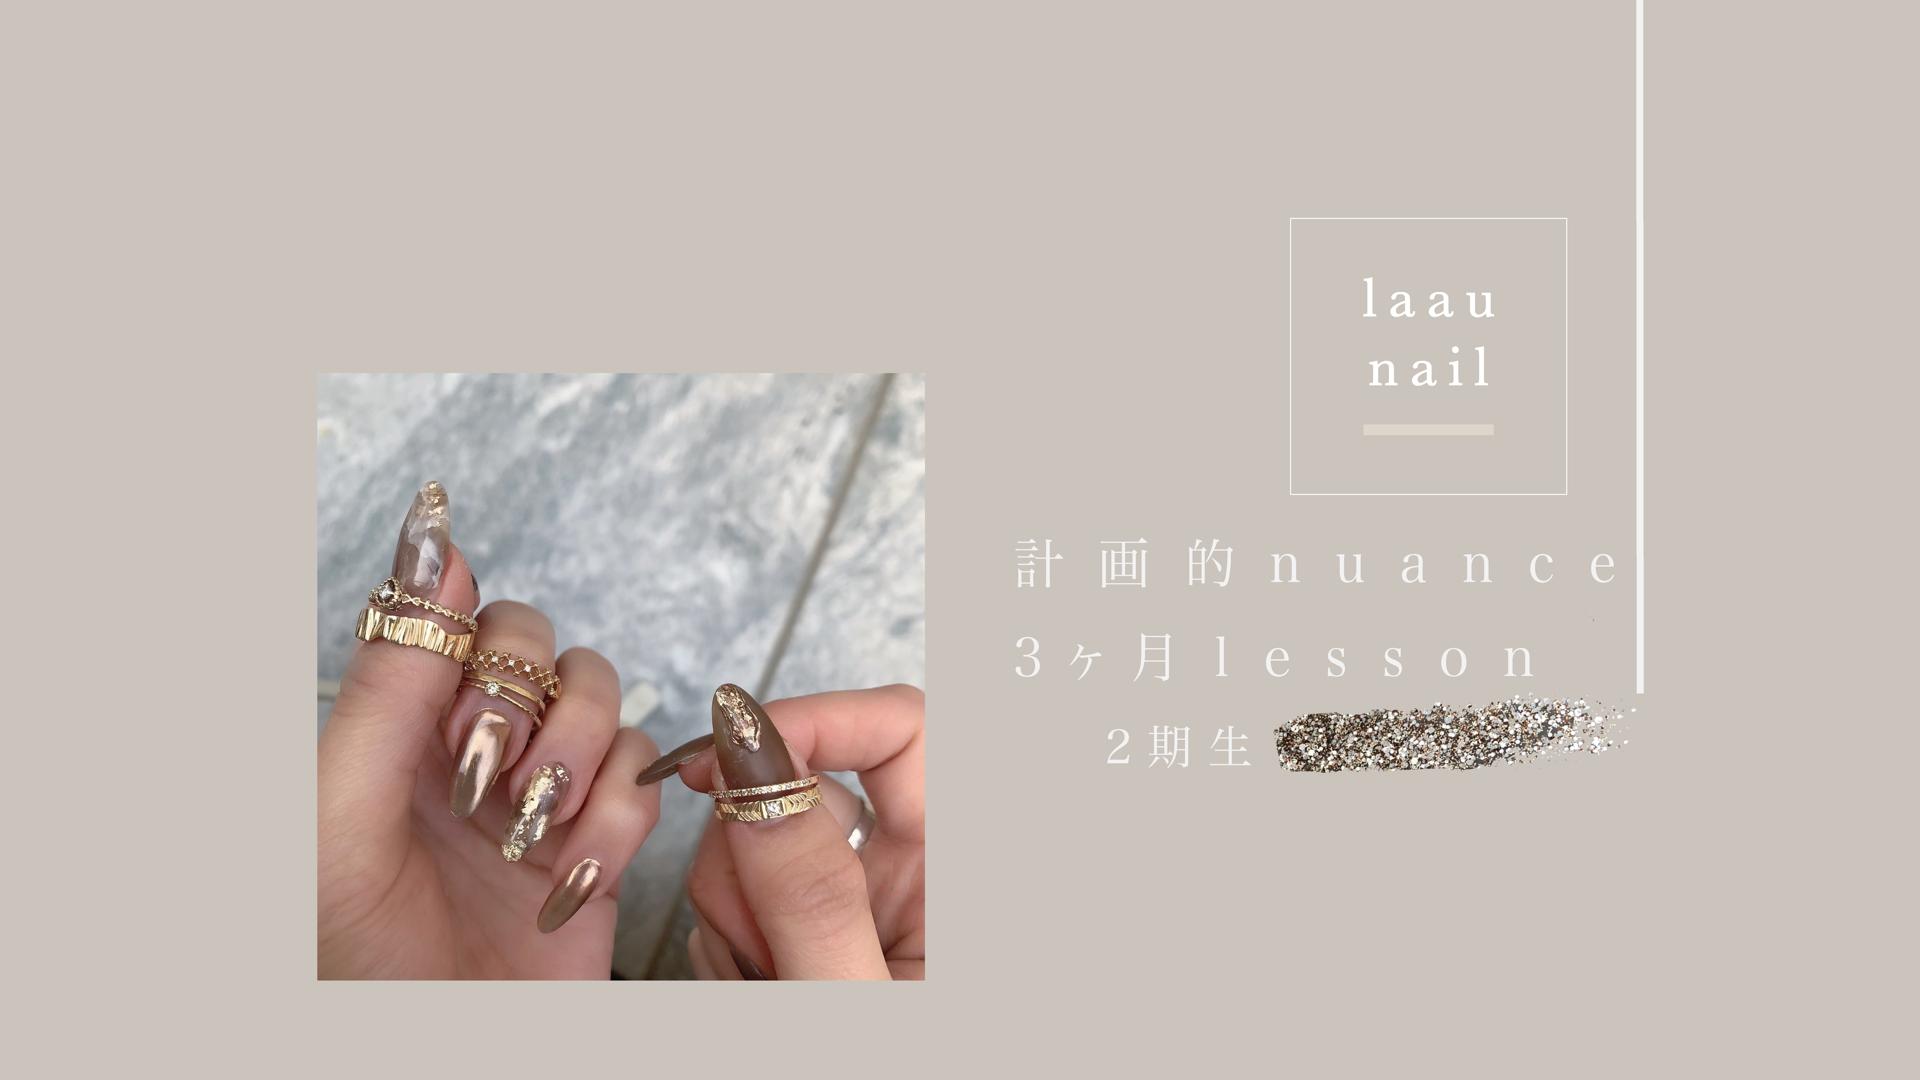 【第2期】 laau nail 計画的nuance 3ヶ月lesson